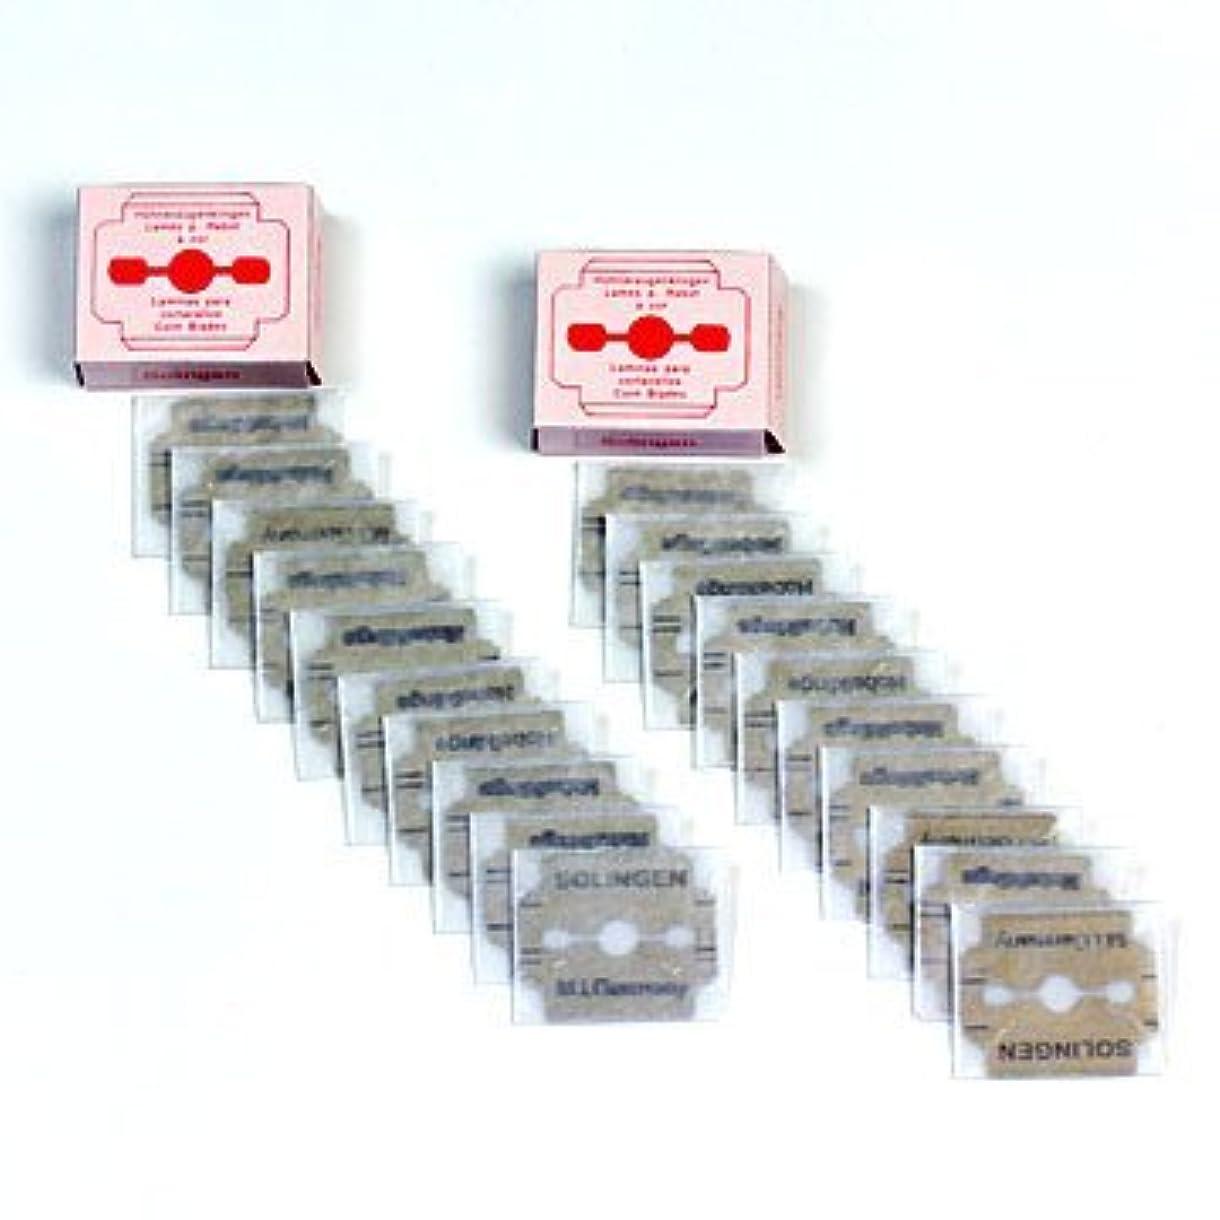 コンドームアクセスできない幻想的ドイツ?ゾーリンゲン(Solingen) かかと削り器用替刃10枚入りx2セット(合計20枚) #slg008002fba